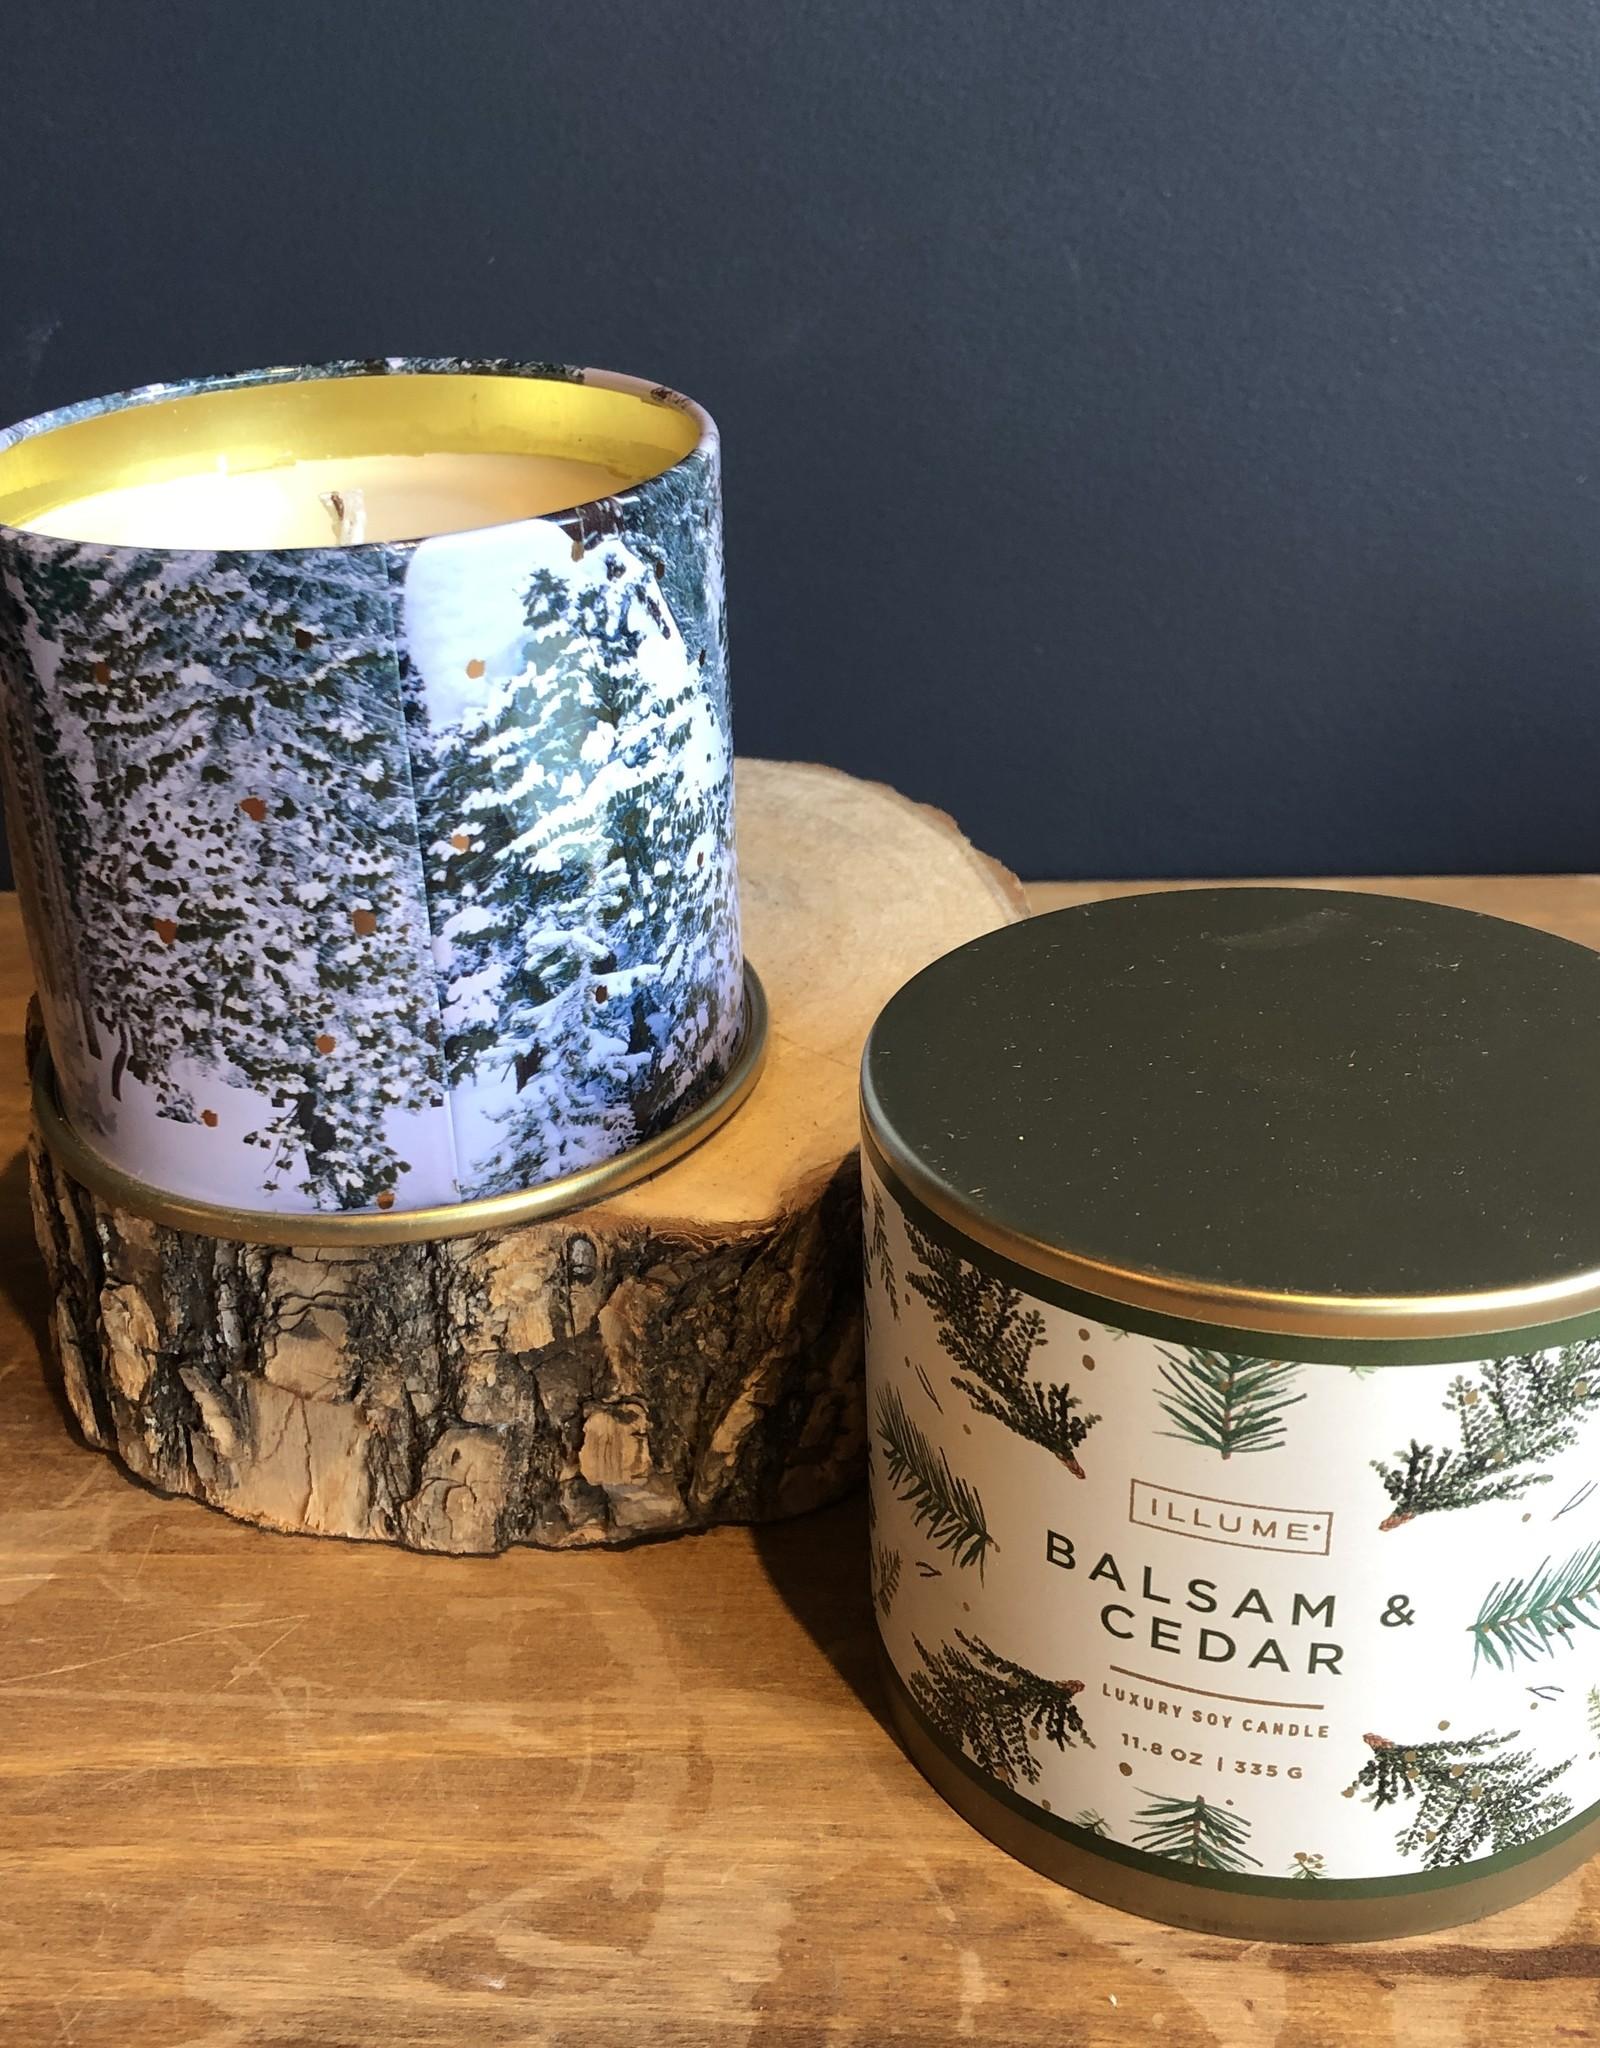 Balsam and cedar lg tin